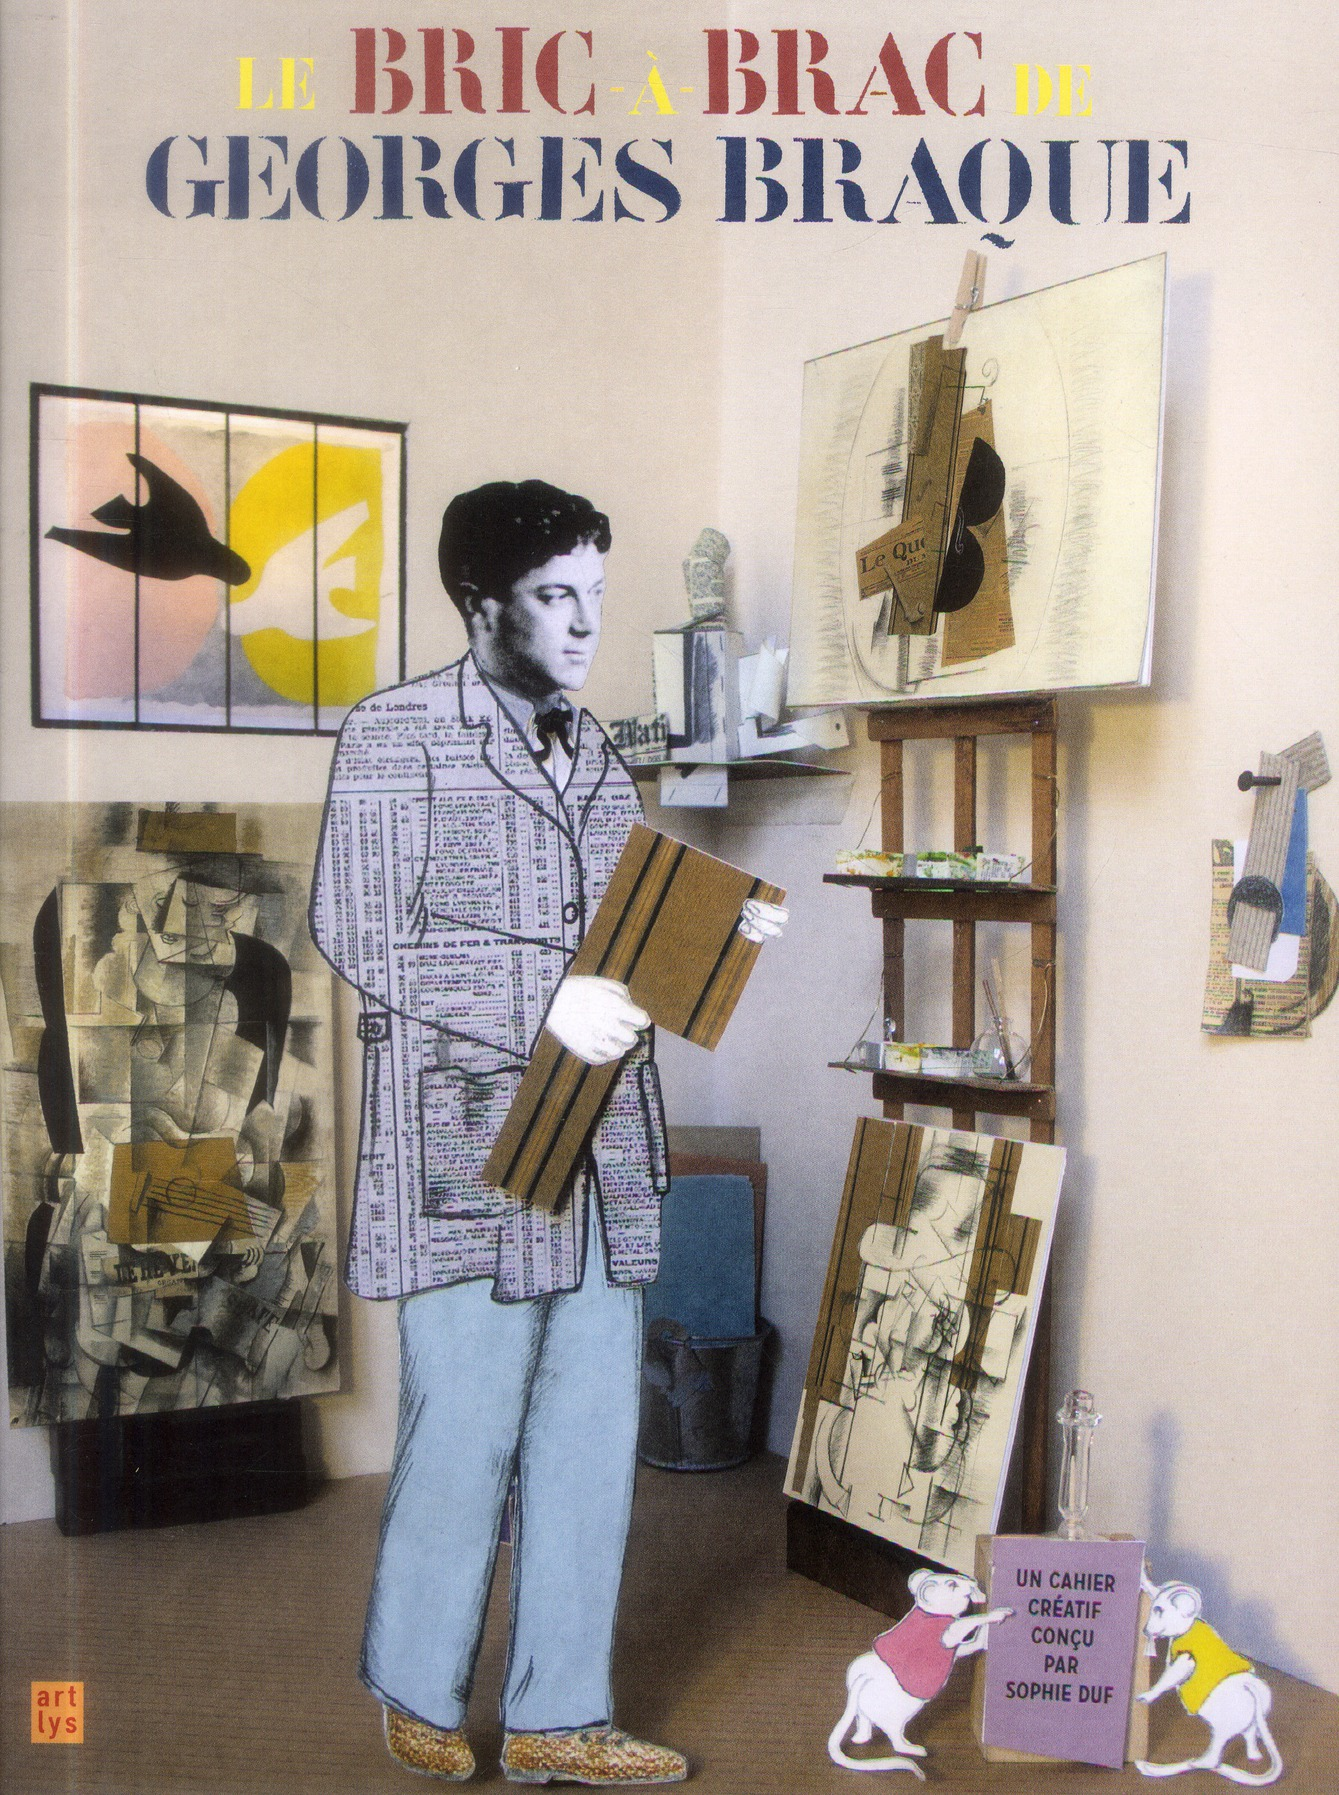 Le bric a brac de Georges Braque